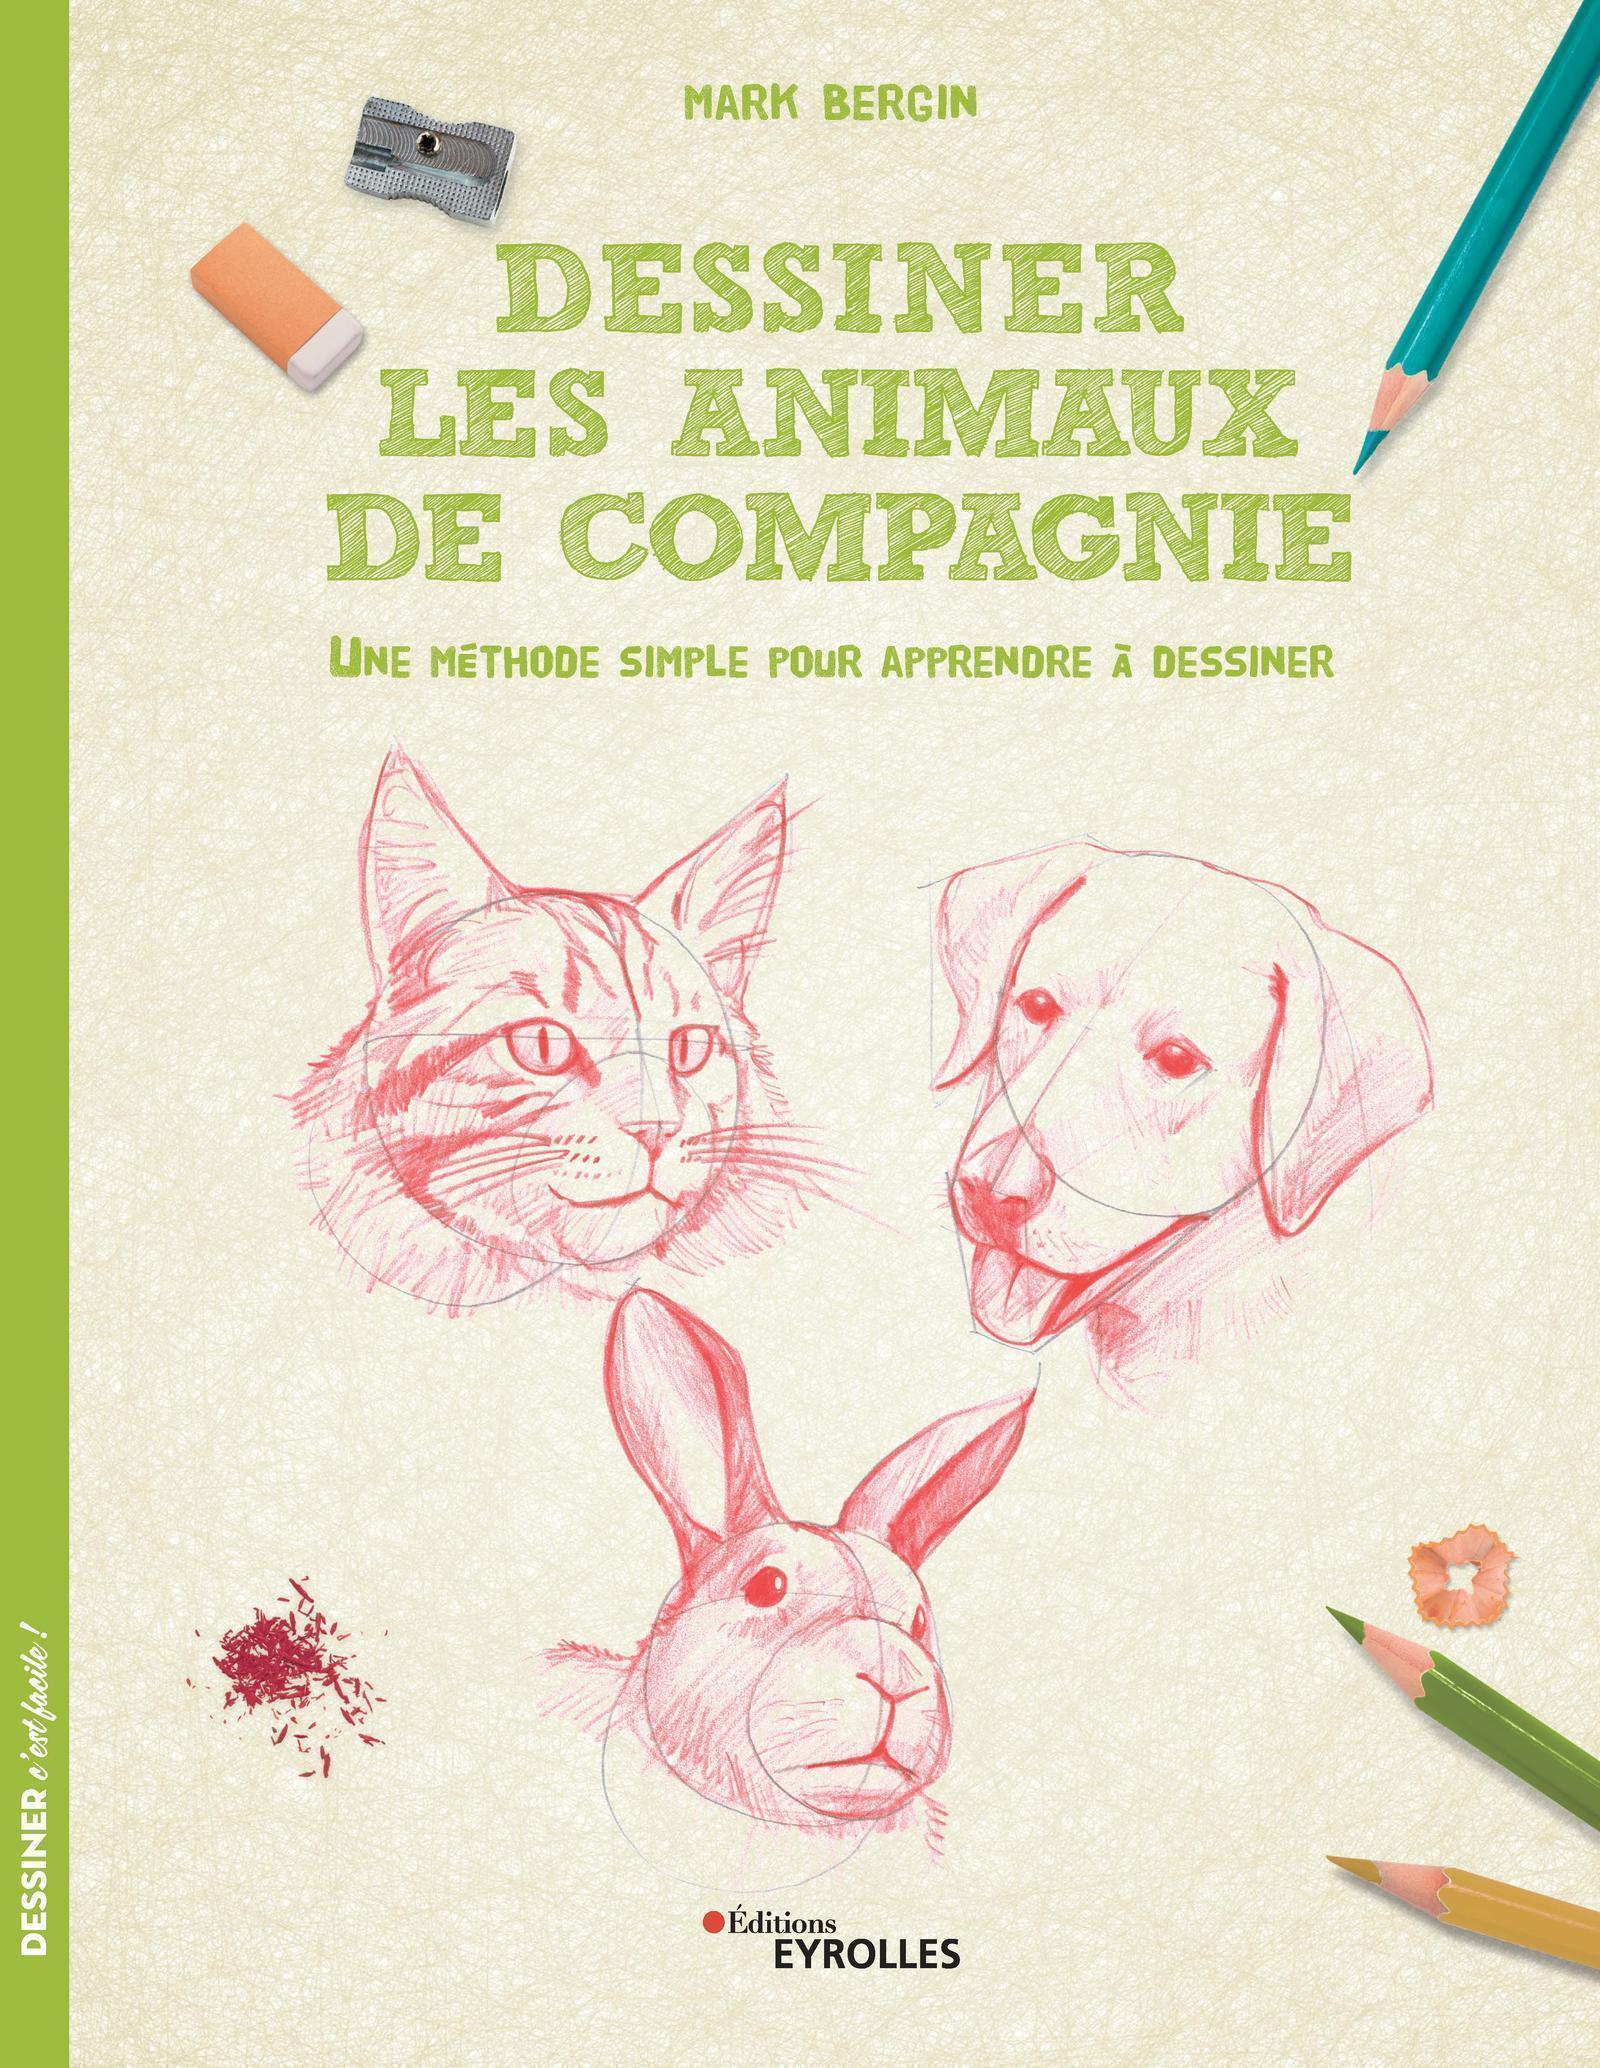 DESSINER LES ANIMAUX DE COMPAGNIE - UNE METHODE SIMPLE POUR APPRENDRE A DESSINER